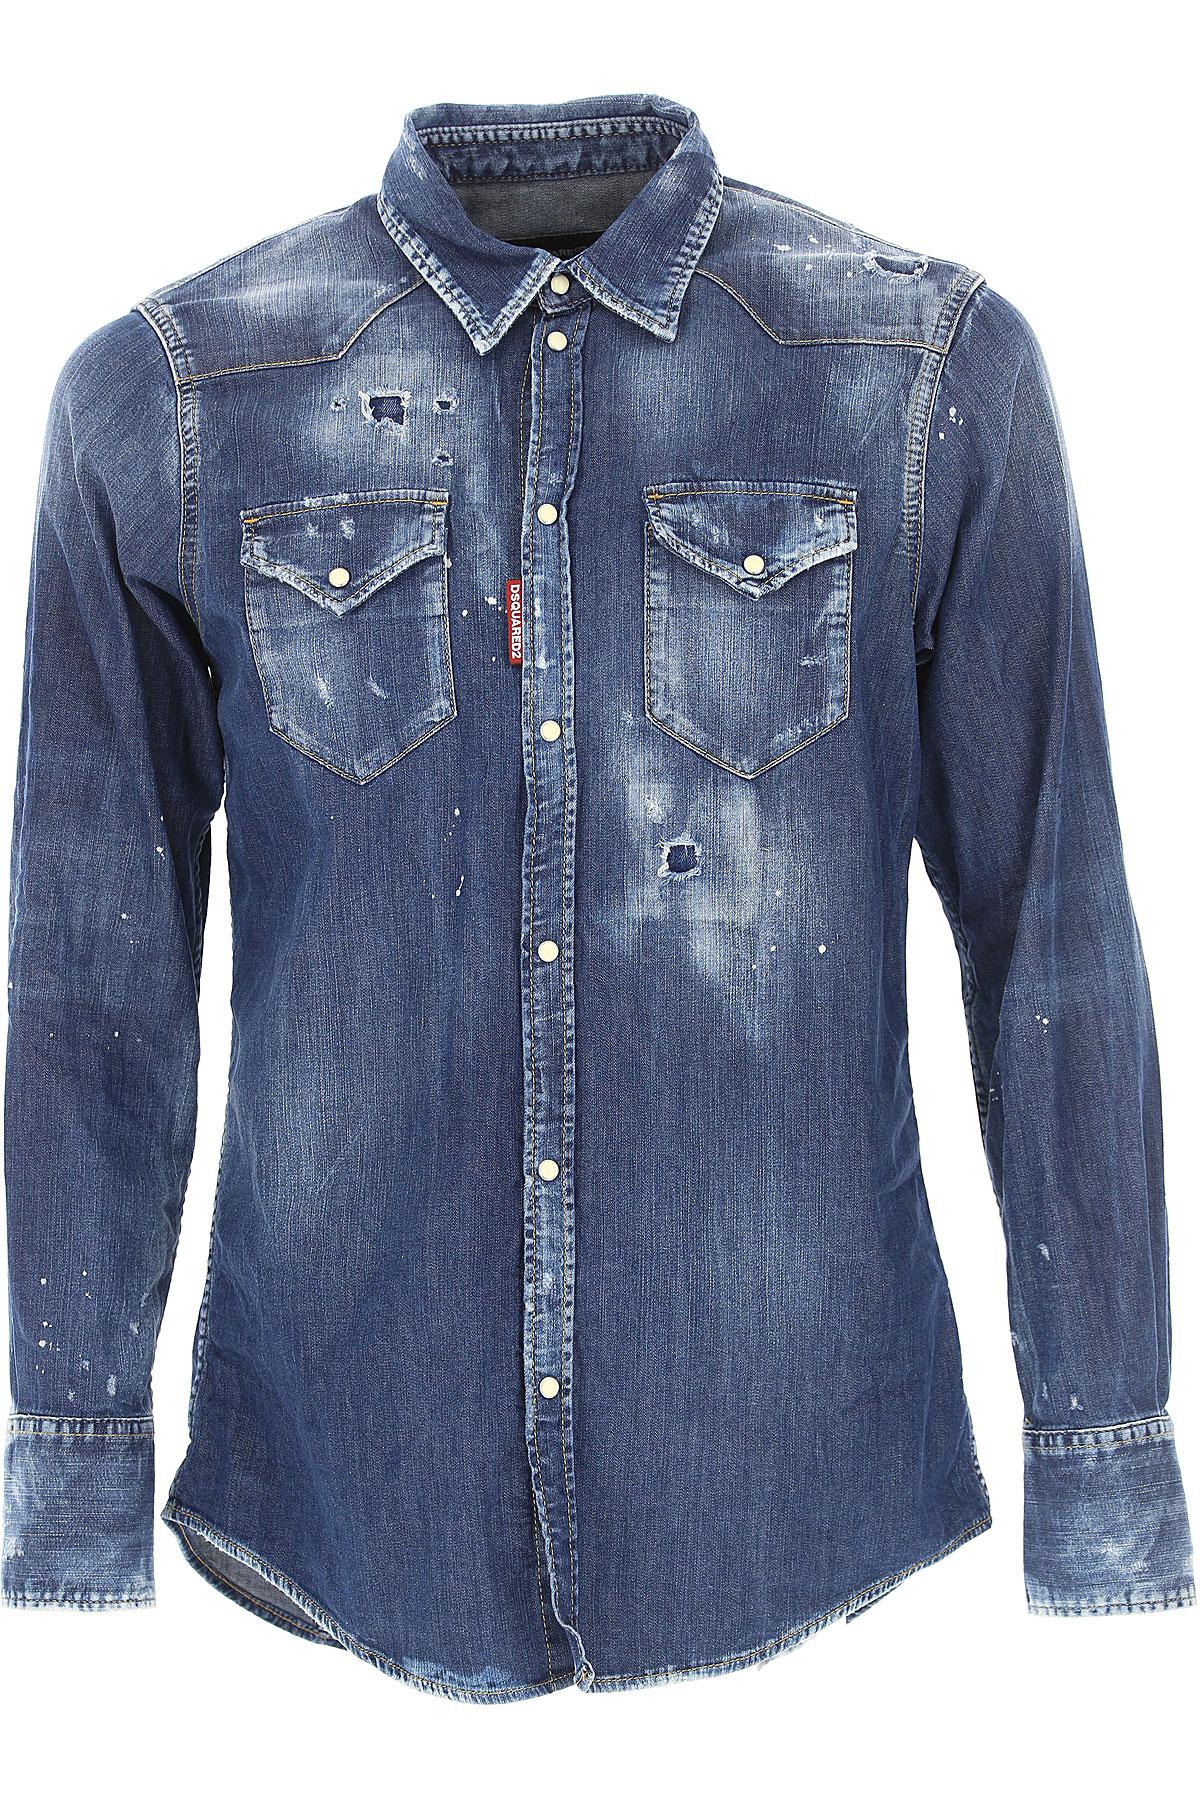 Dsquared2 Shirt for Men, Denim Blue, Cotton, 2017, S • IT 46 M • IT 48 L • IT 50